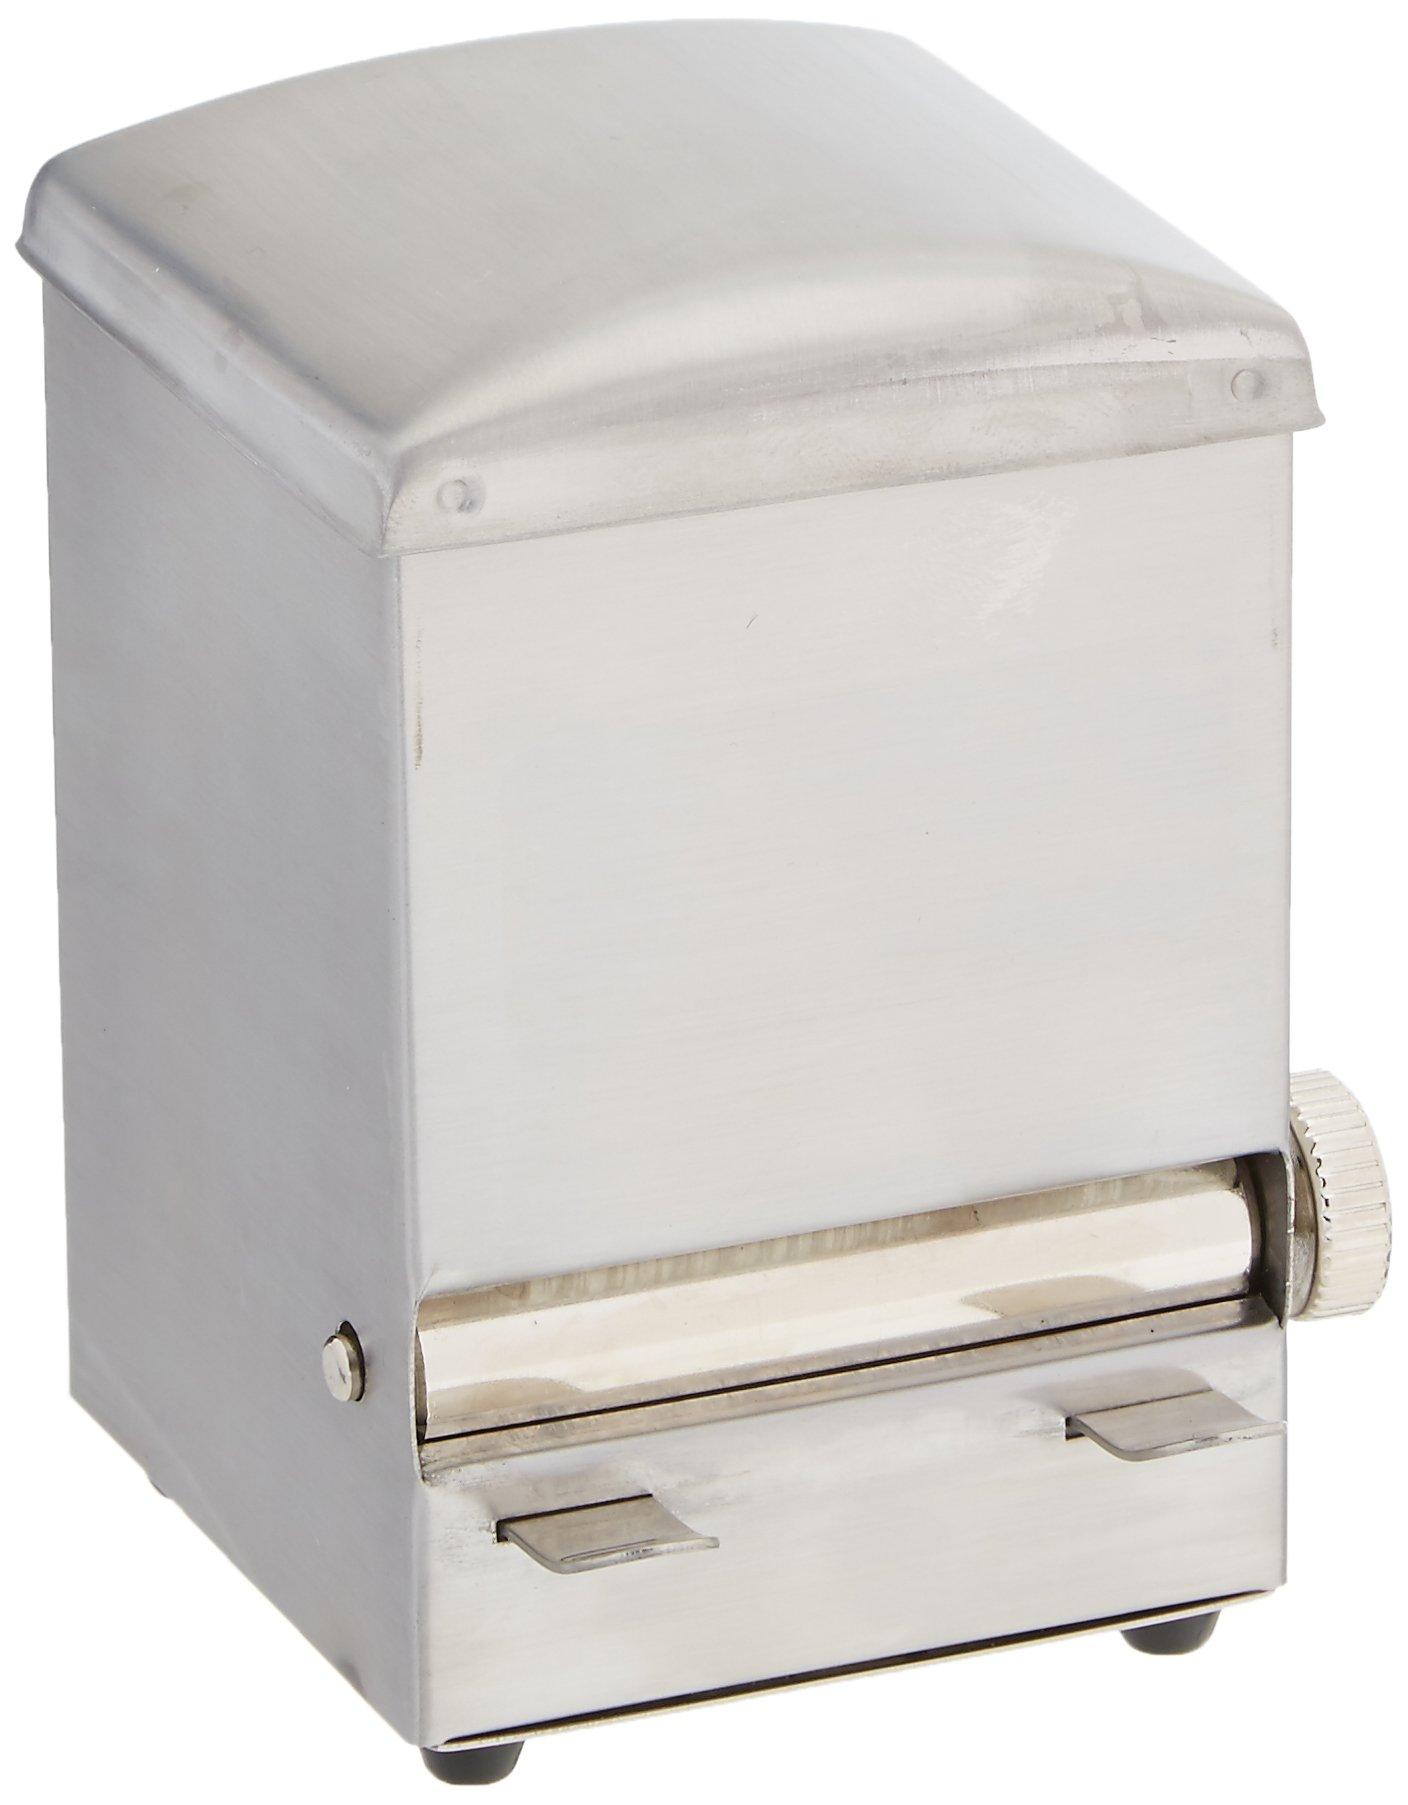 TableCraft 236 4-3/4'' S/S Toothpick Dispenser